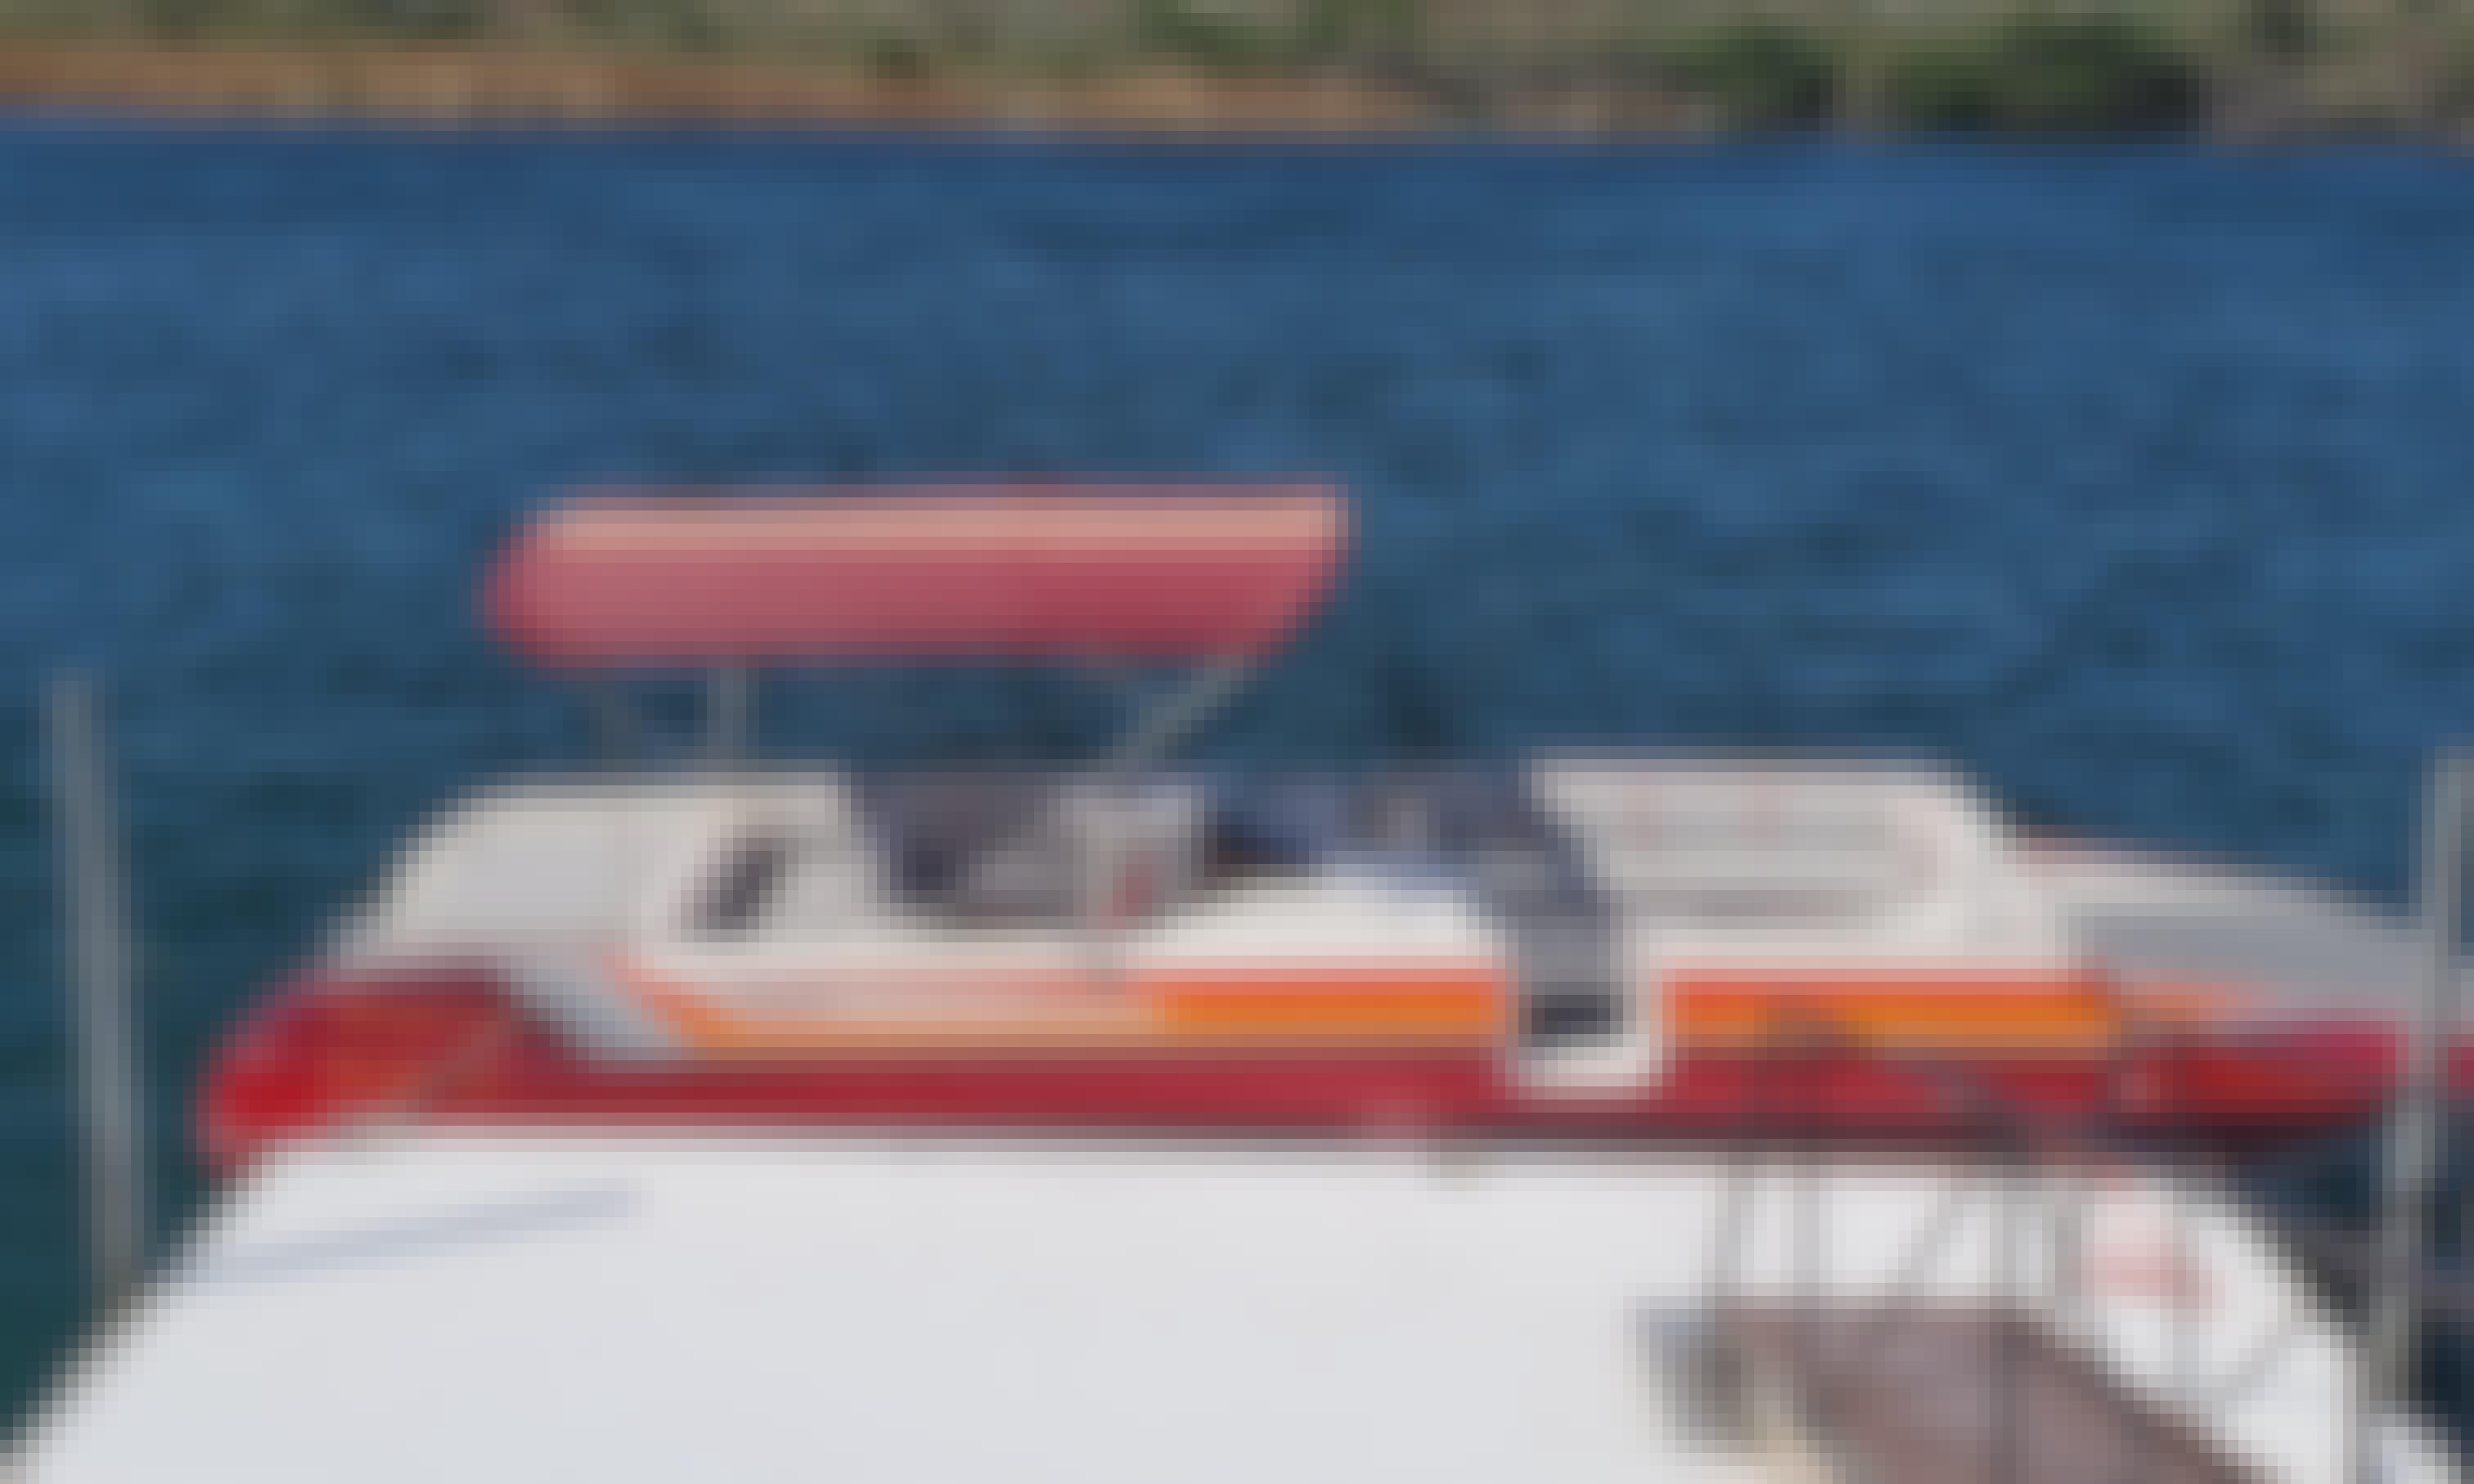 26' Hallett Deck Boat